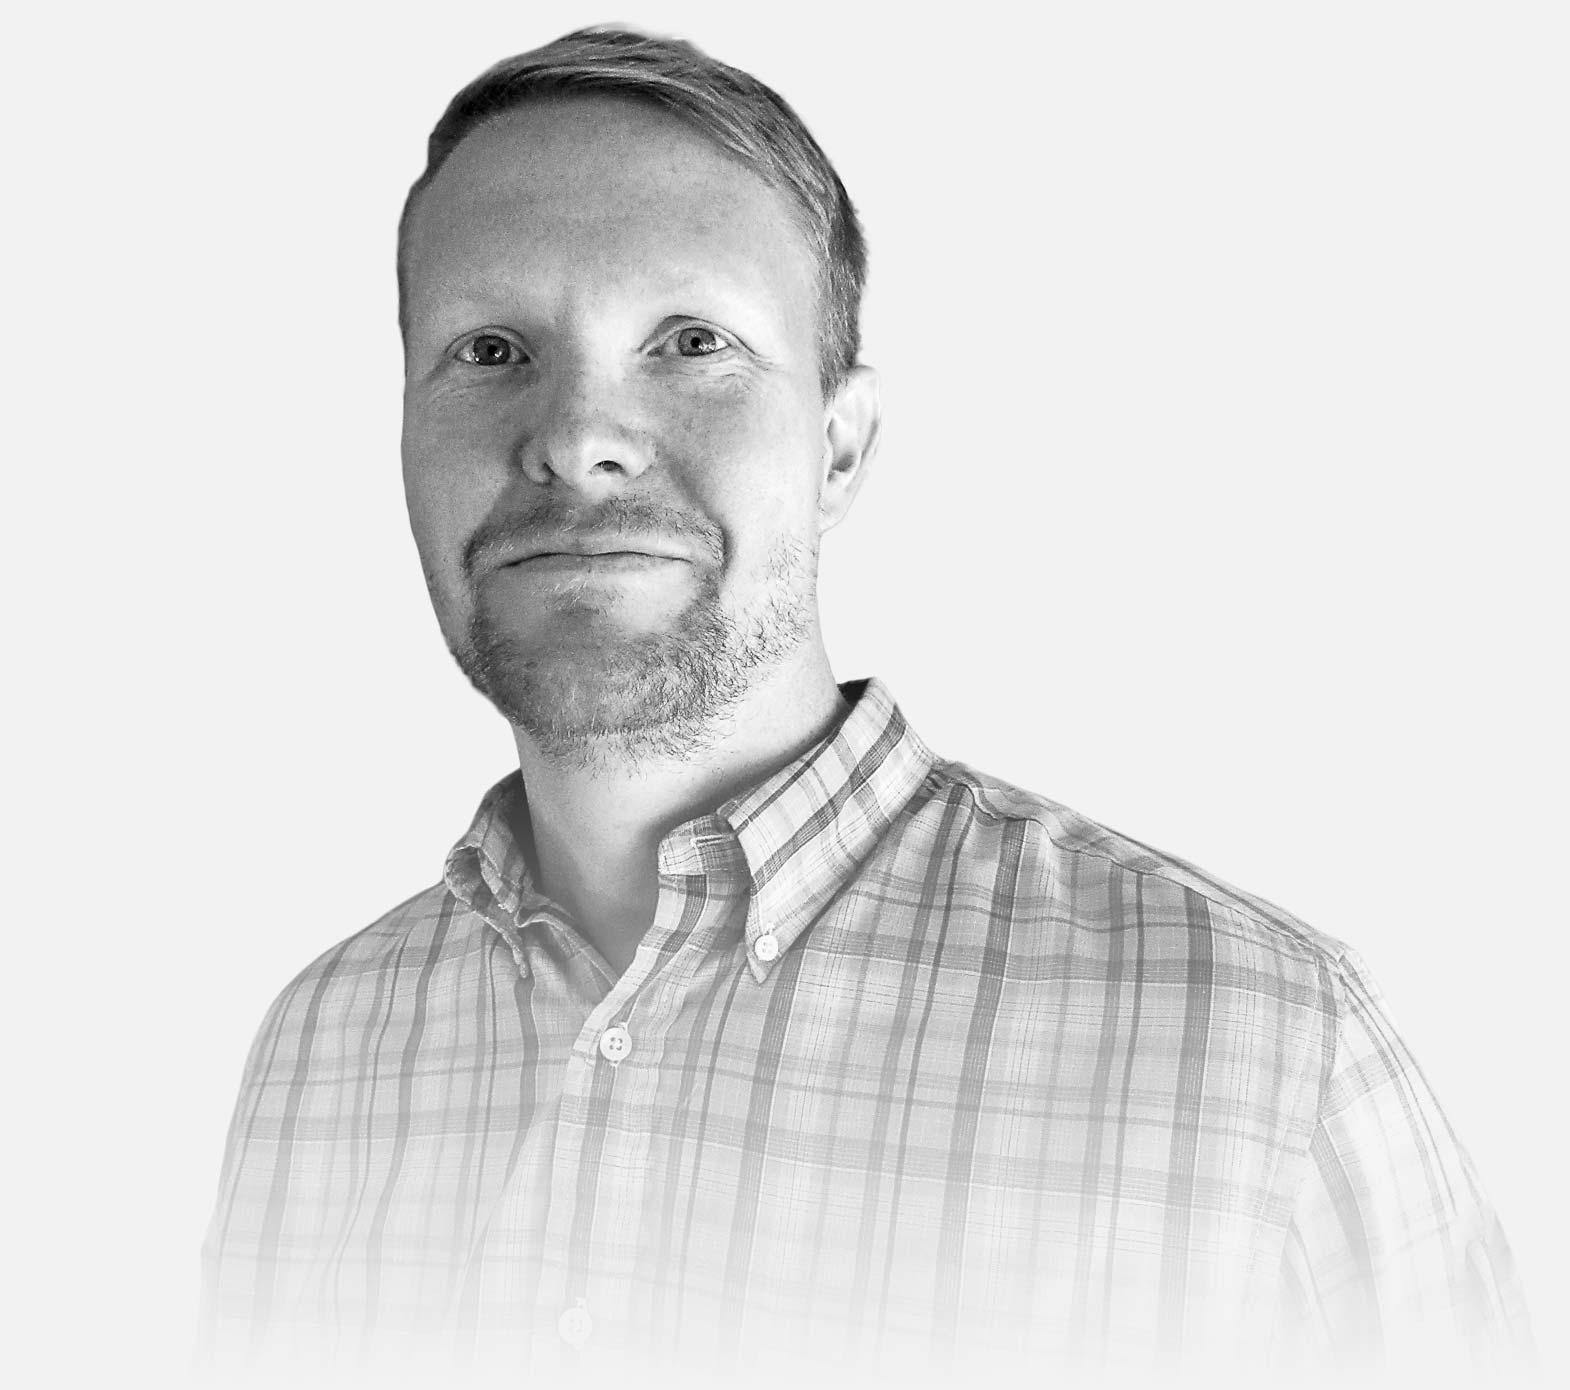 Portrait of Trent Smith